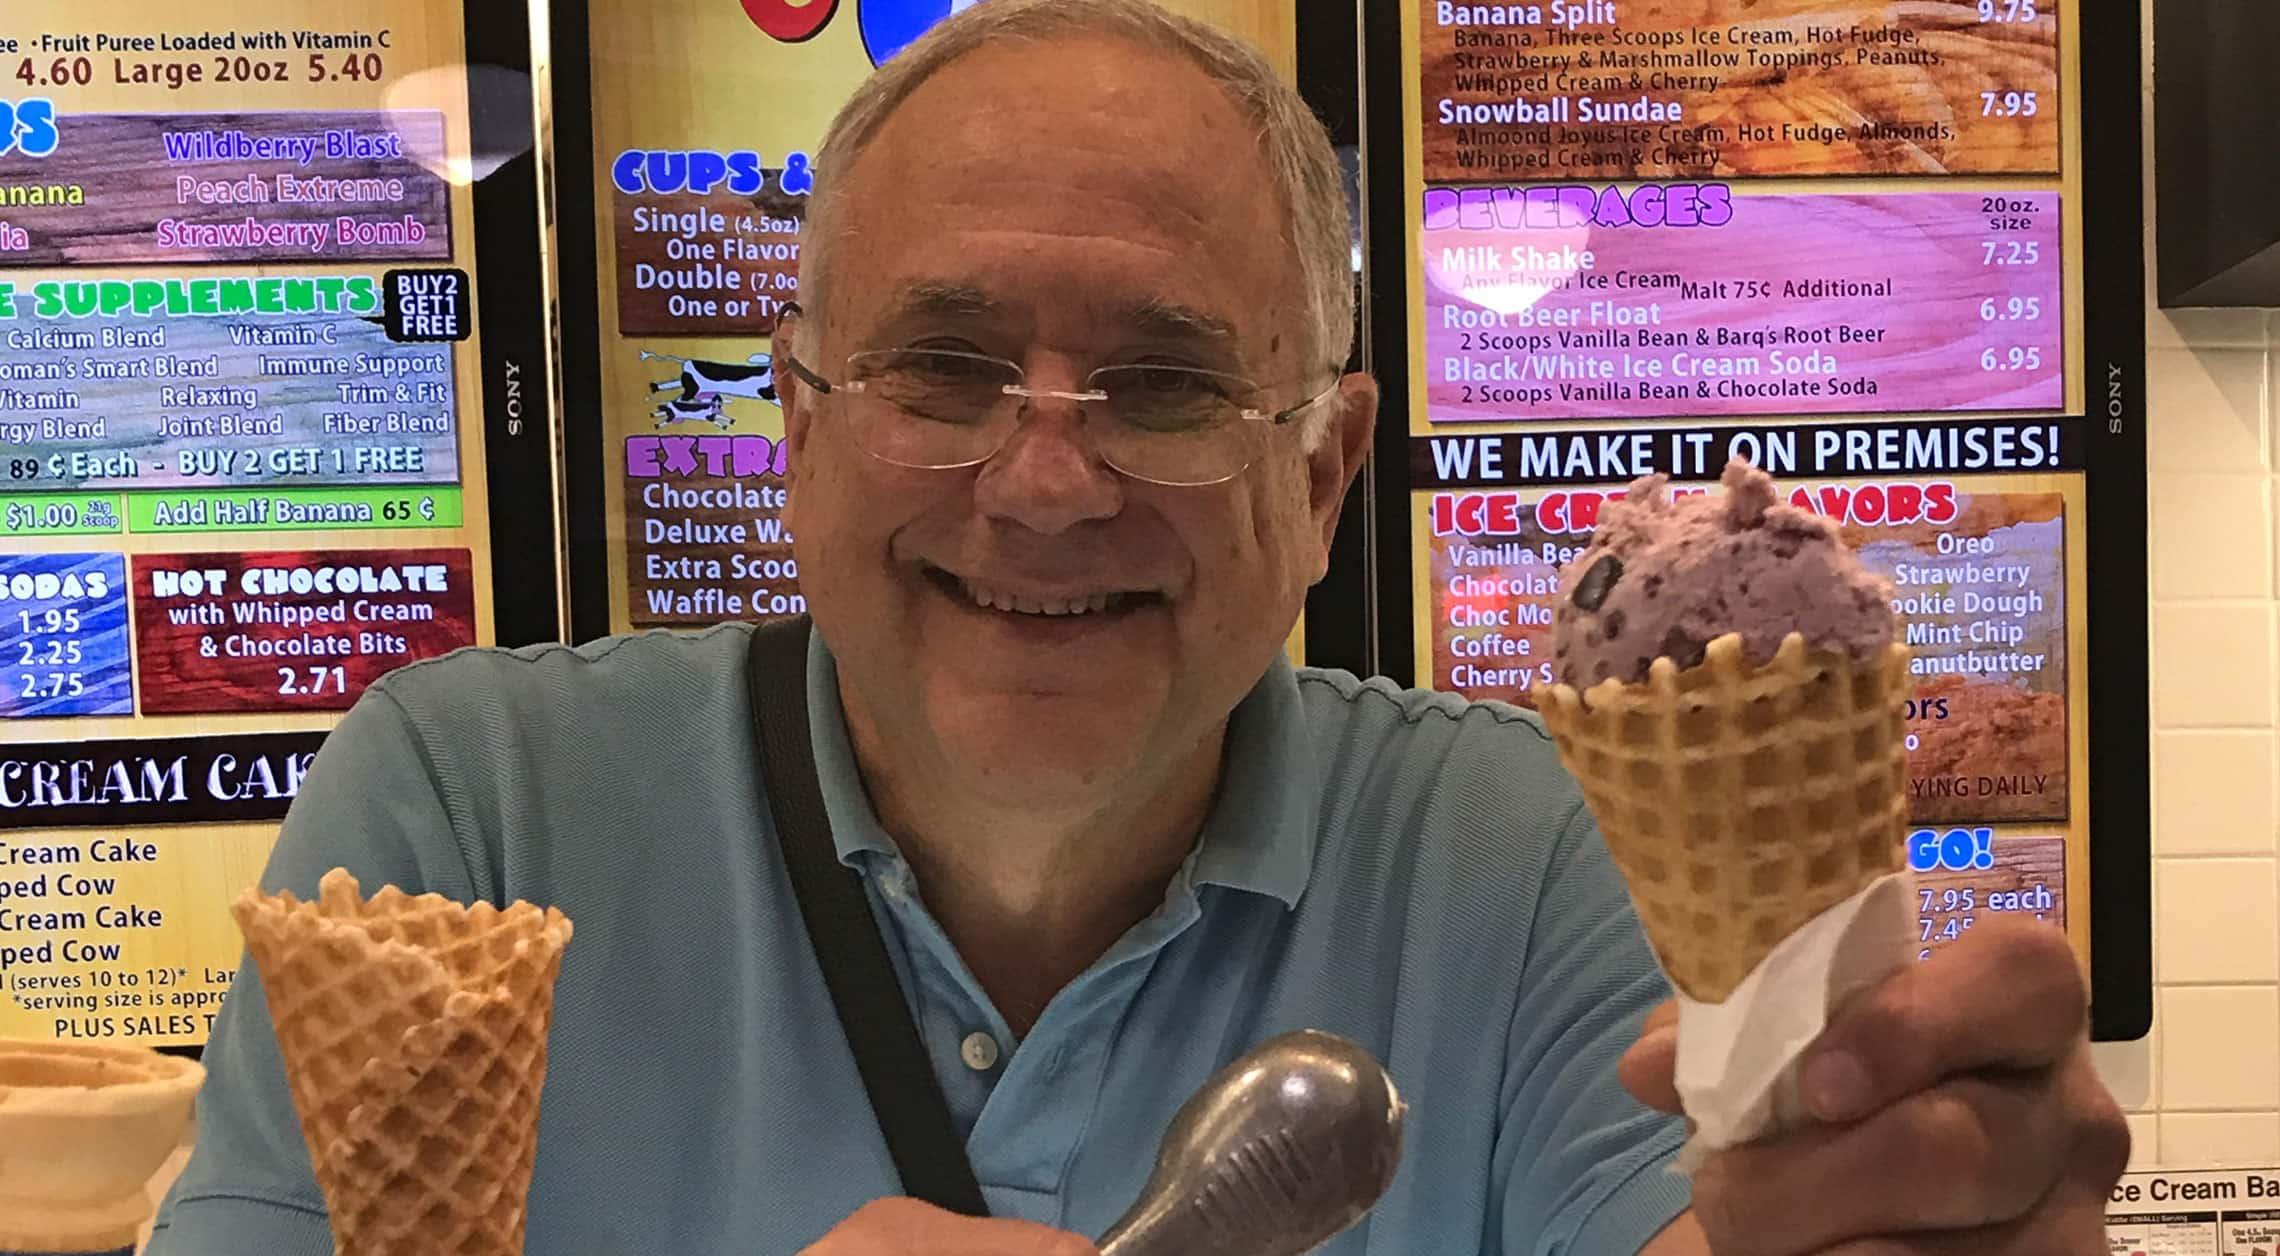 Meet the Merchant: Ken Davis from Java Cow Creamery, Café and Bakery